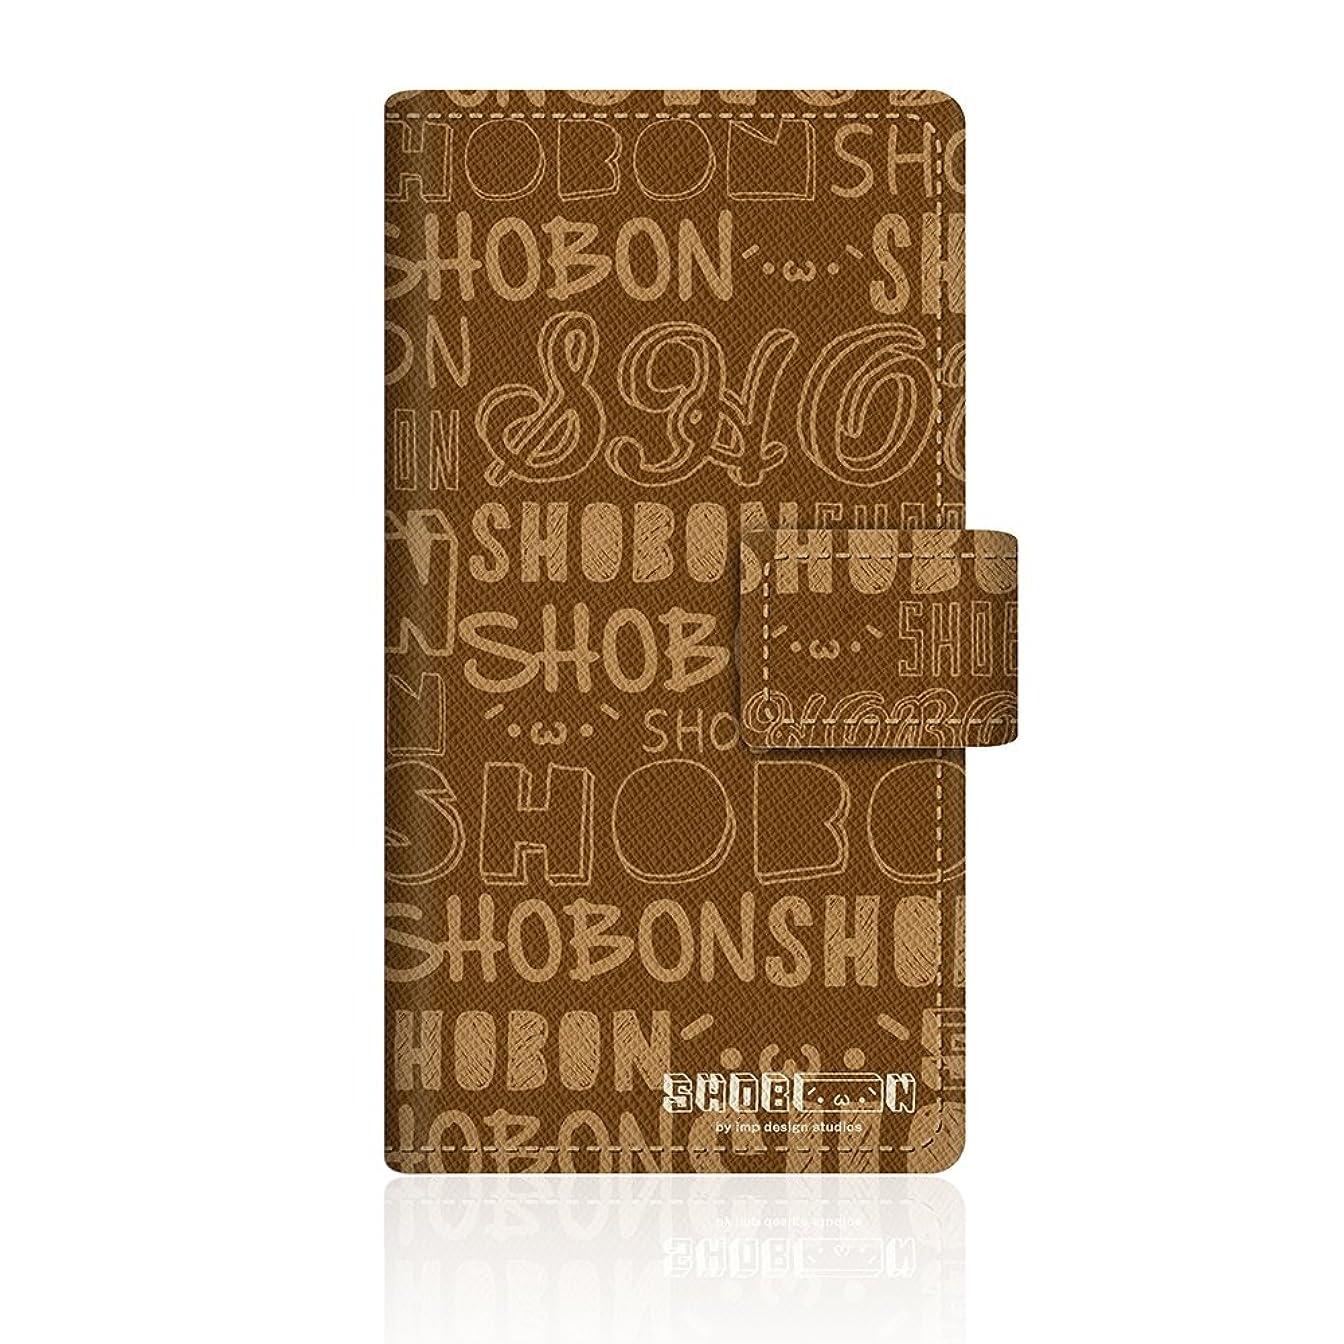 安全性浸漬シートCaseMarket x SHOBON 【手帳型】 apple アイポッド タッチ 第6世代 iPod-touch6 スリムケース [ ショボーン (′?ω?`) 手帳 クラシック - イエロー ] レザー手帳